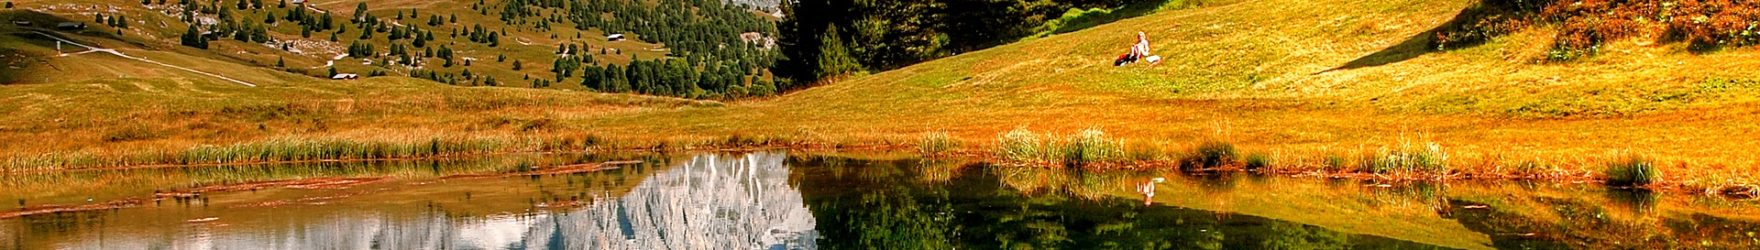 Tecnico qualificato Guida Ambientale Escursionistica